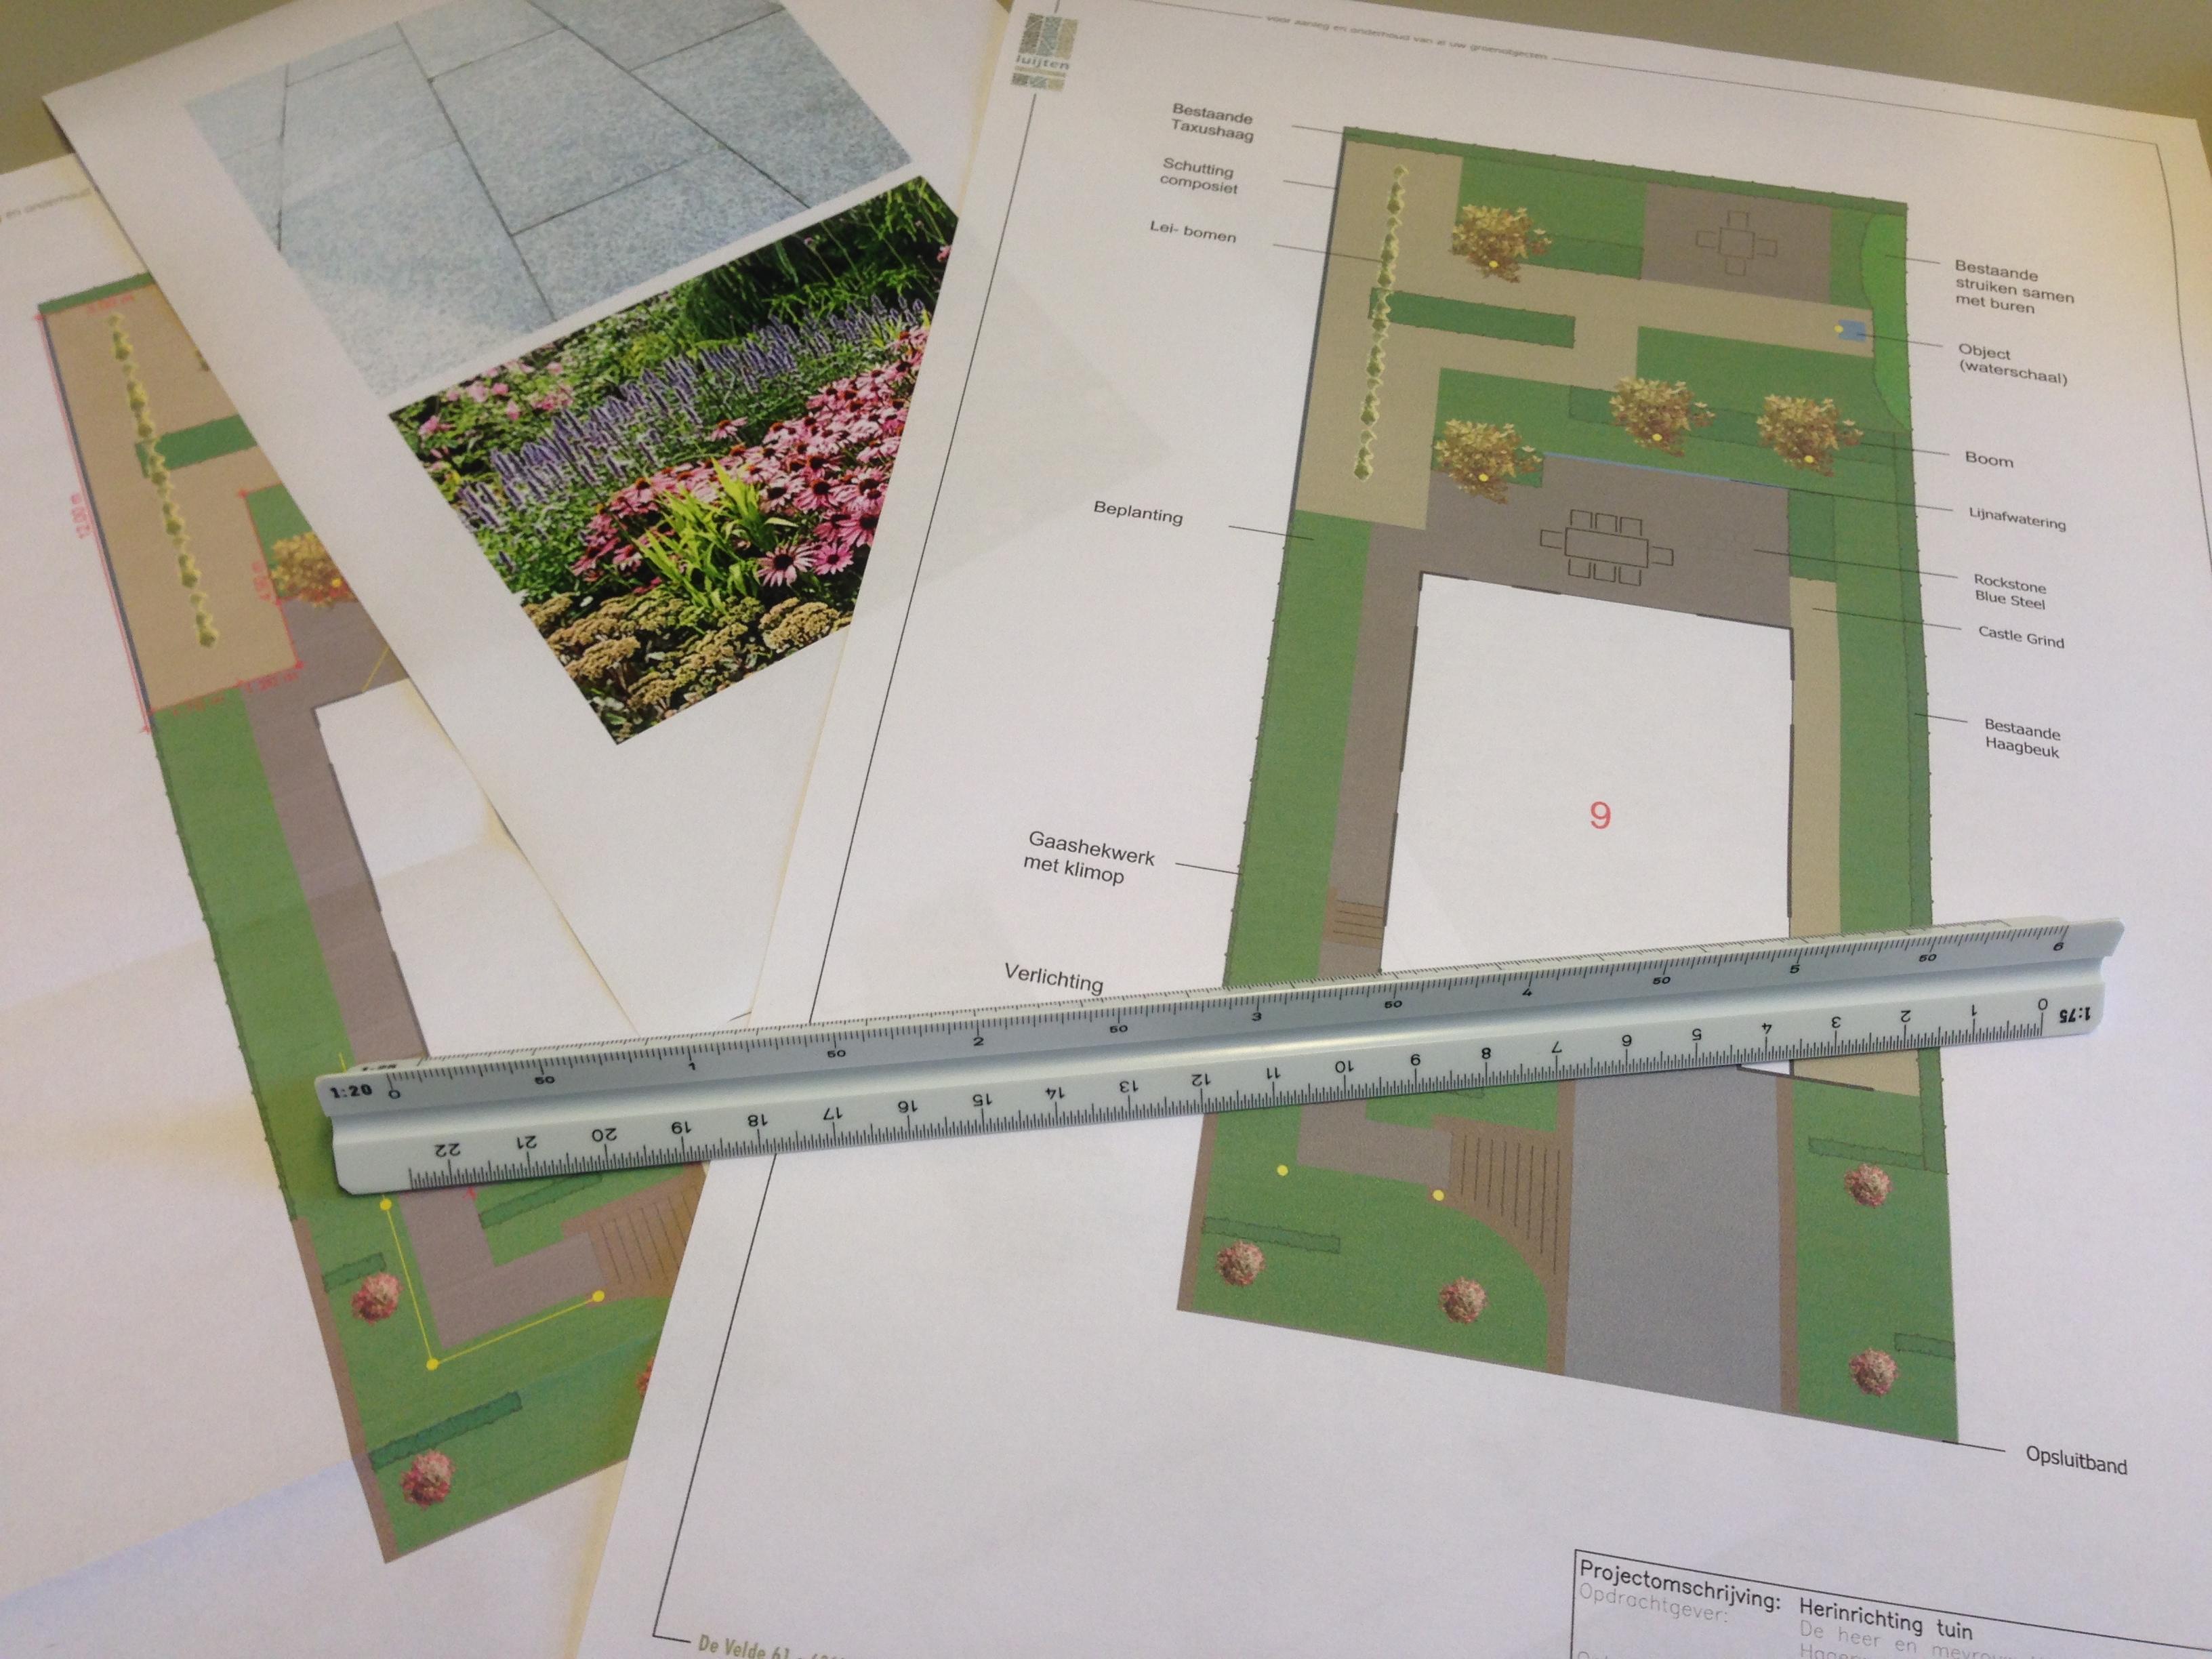 Ontwerp maken ontwerp programma ontwerp programma gratis ontwerp software ontwerp tuin - Tuin ontwerp foto ...